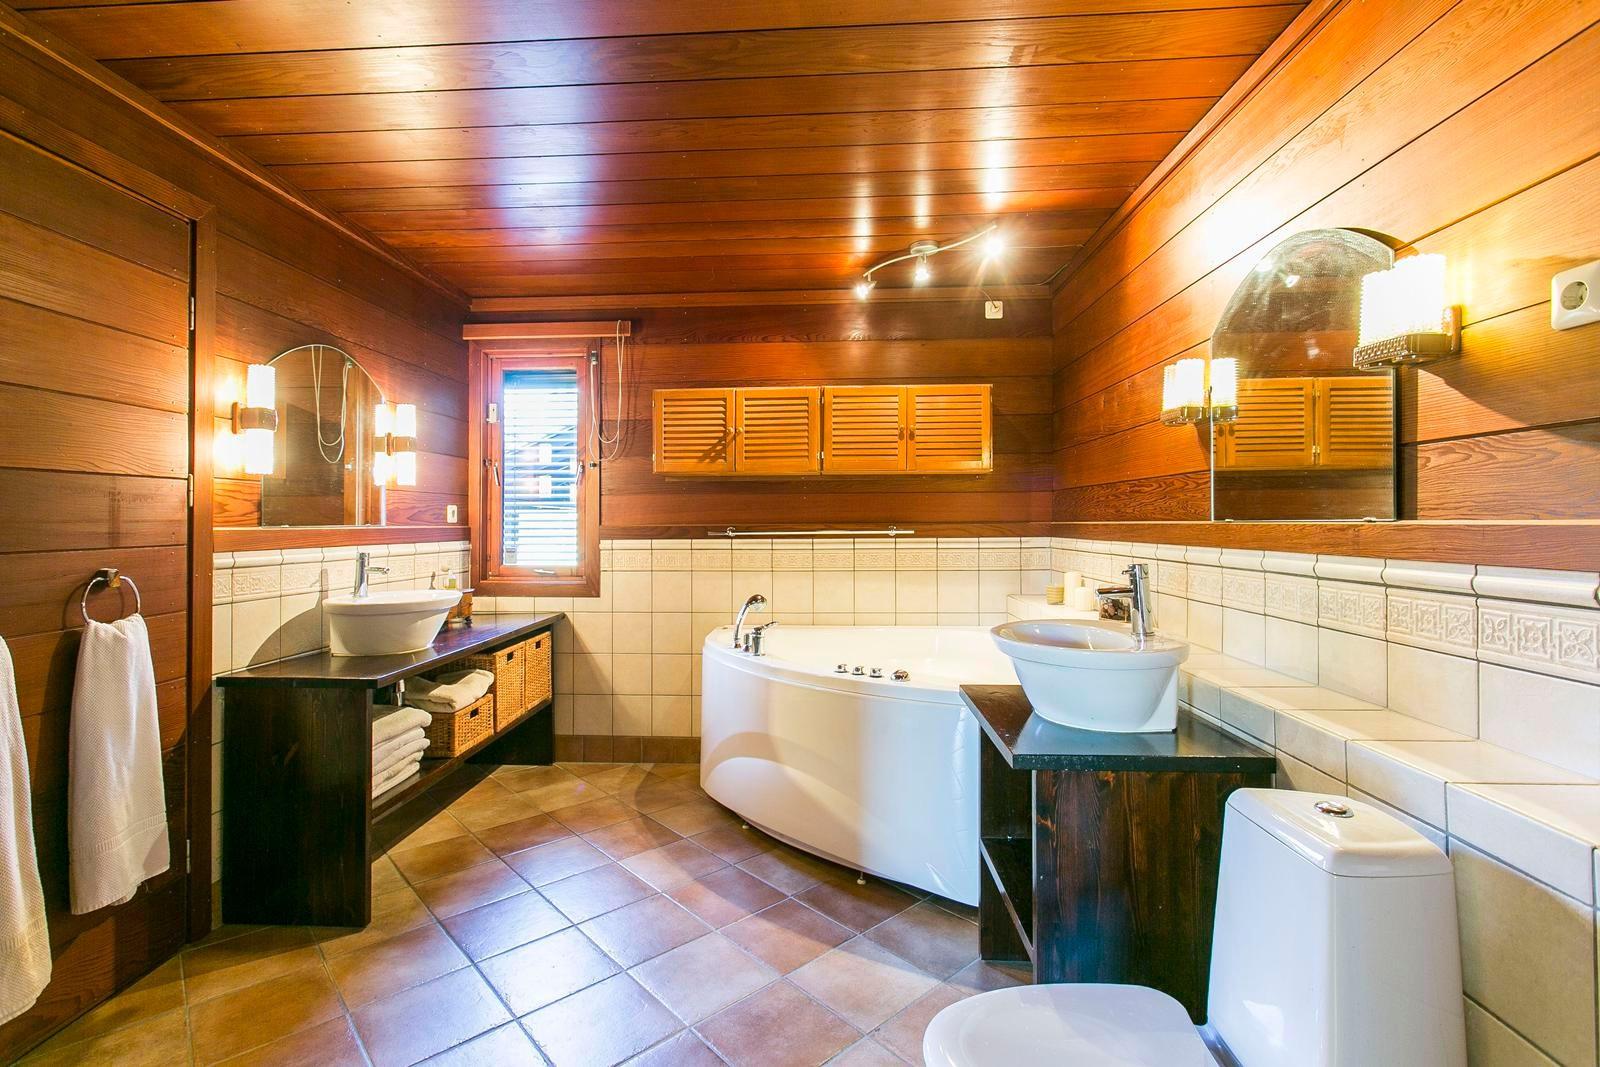 hovedbadet-har-badstue-og-boblekar